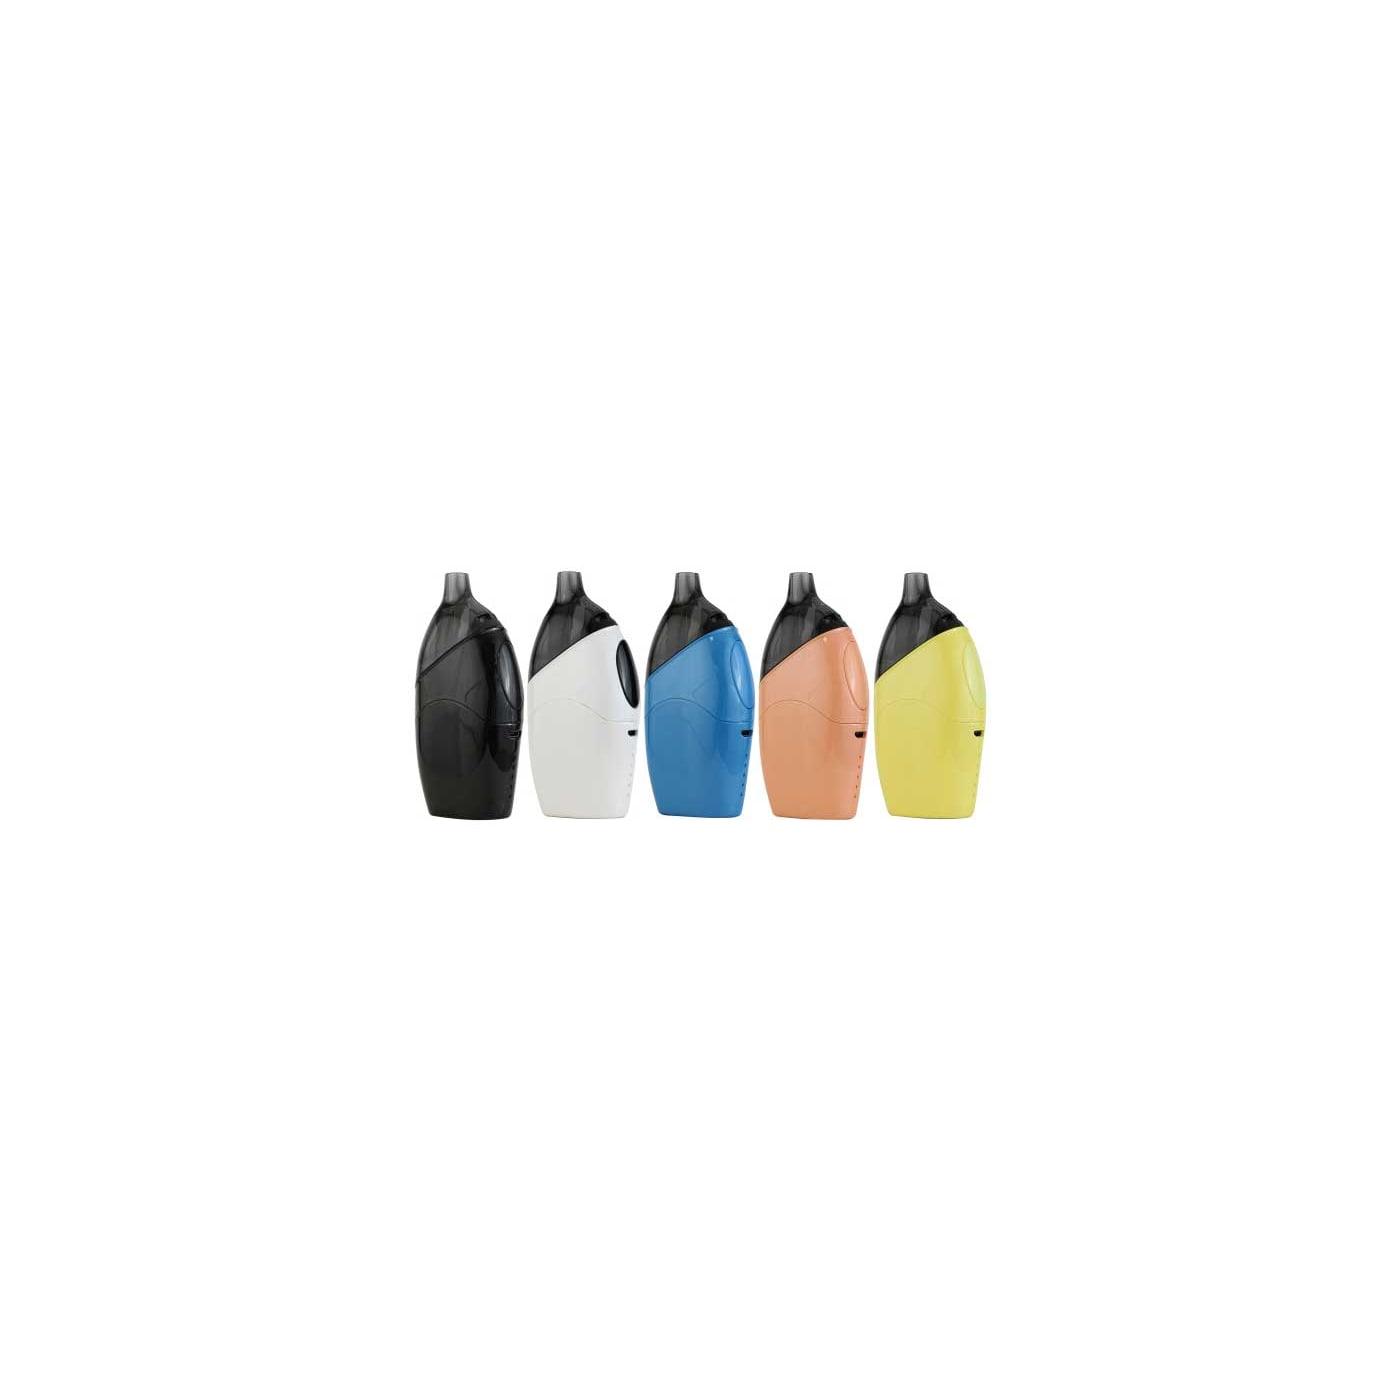 Wholesale Atopack Dolphin Starter Kit by Joyetech